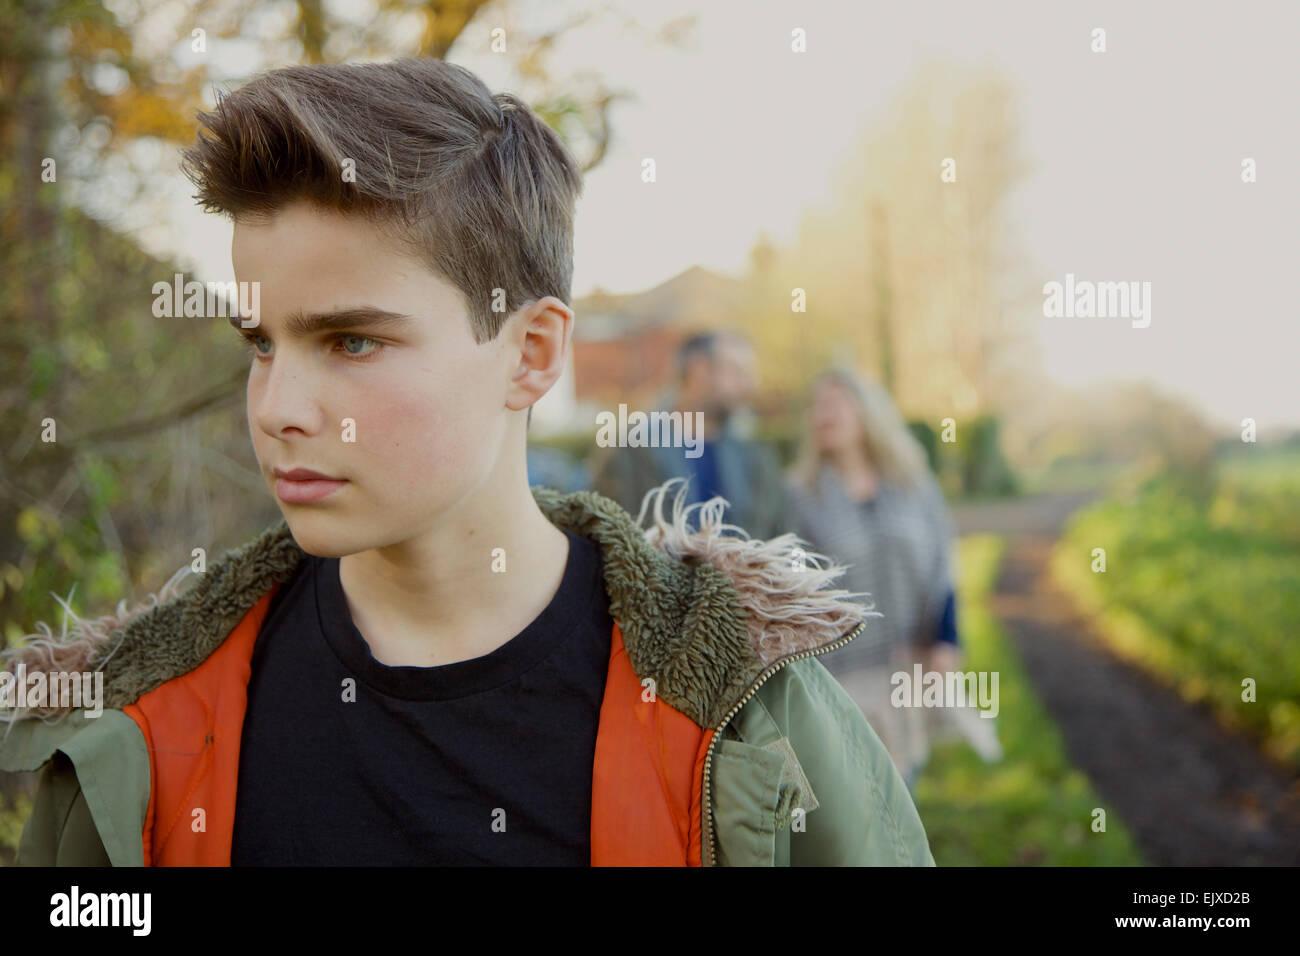 Ragazzo adolescente a piedi nella strada di campagna, i genitori in background Foto Stock